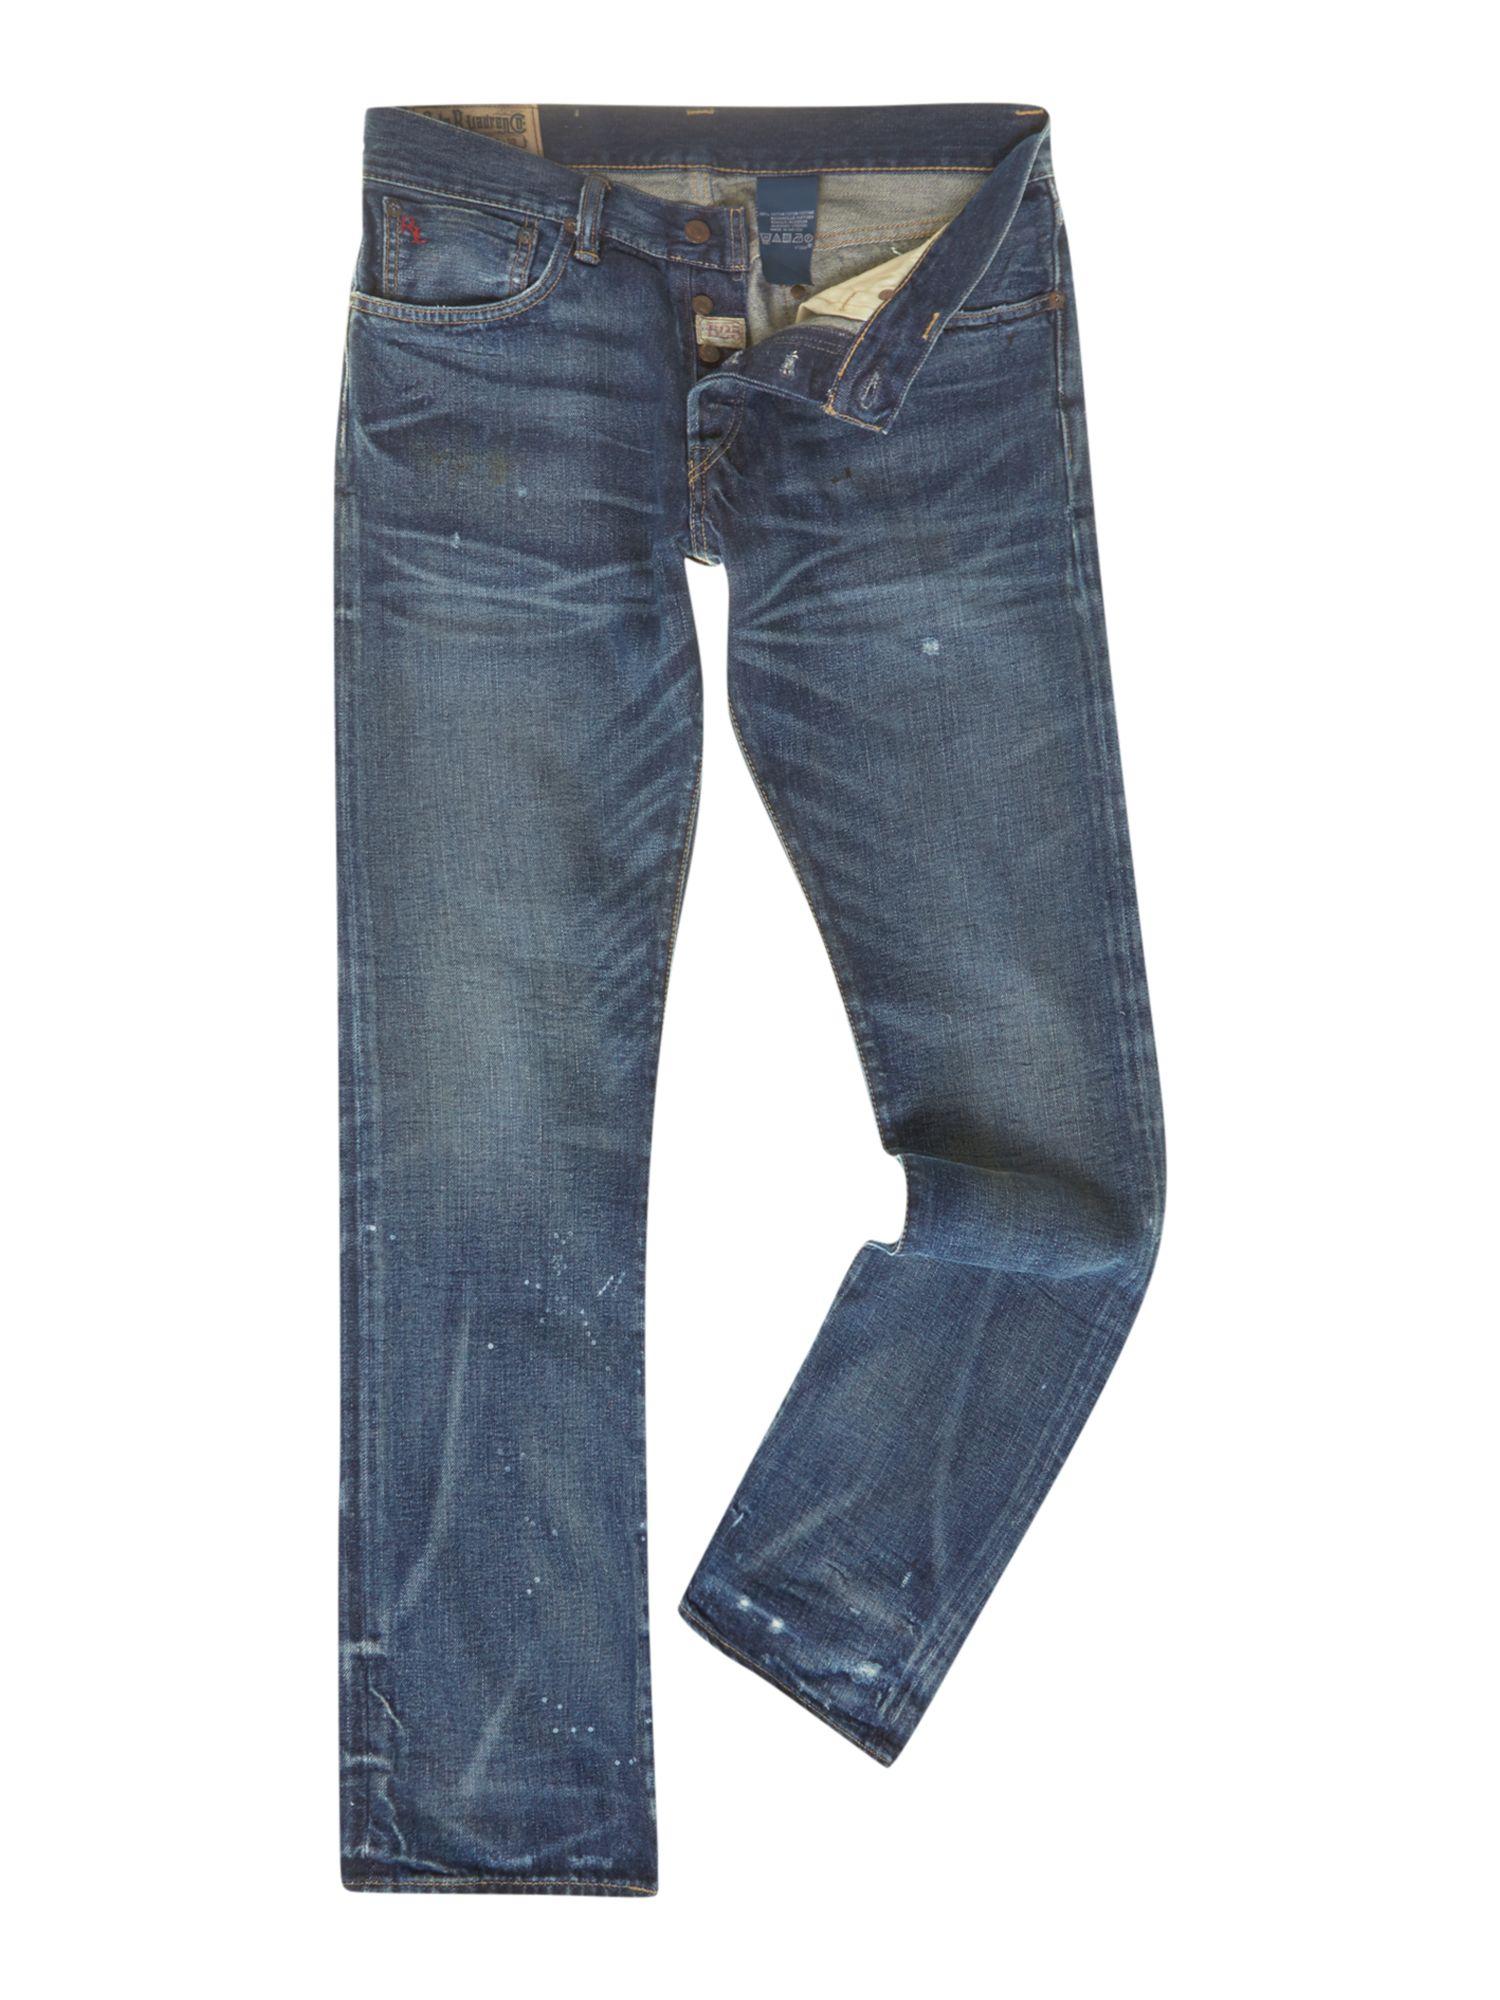 lyst polo ralph lauren varick slim fit jeans in blue for men. Black Bedroom Furniture Sets. Home Design Ideas